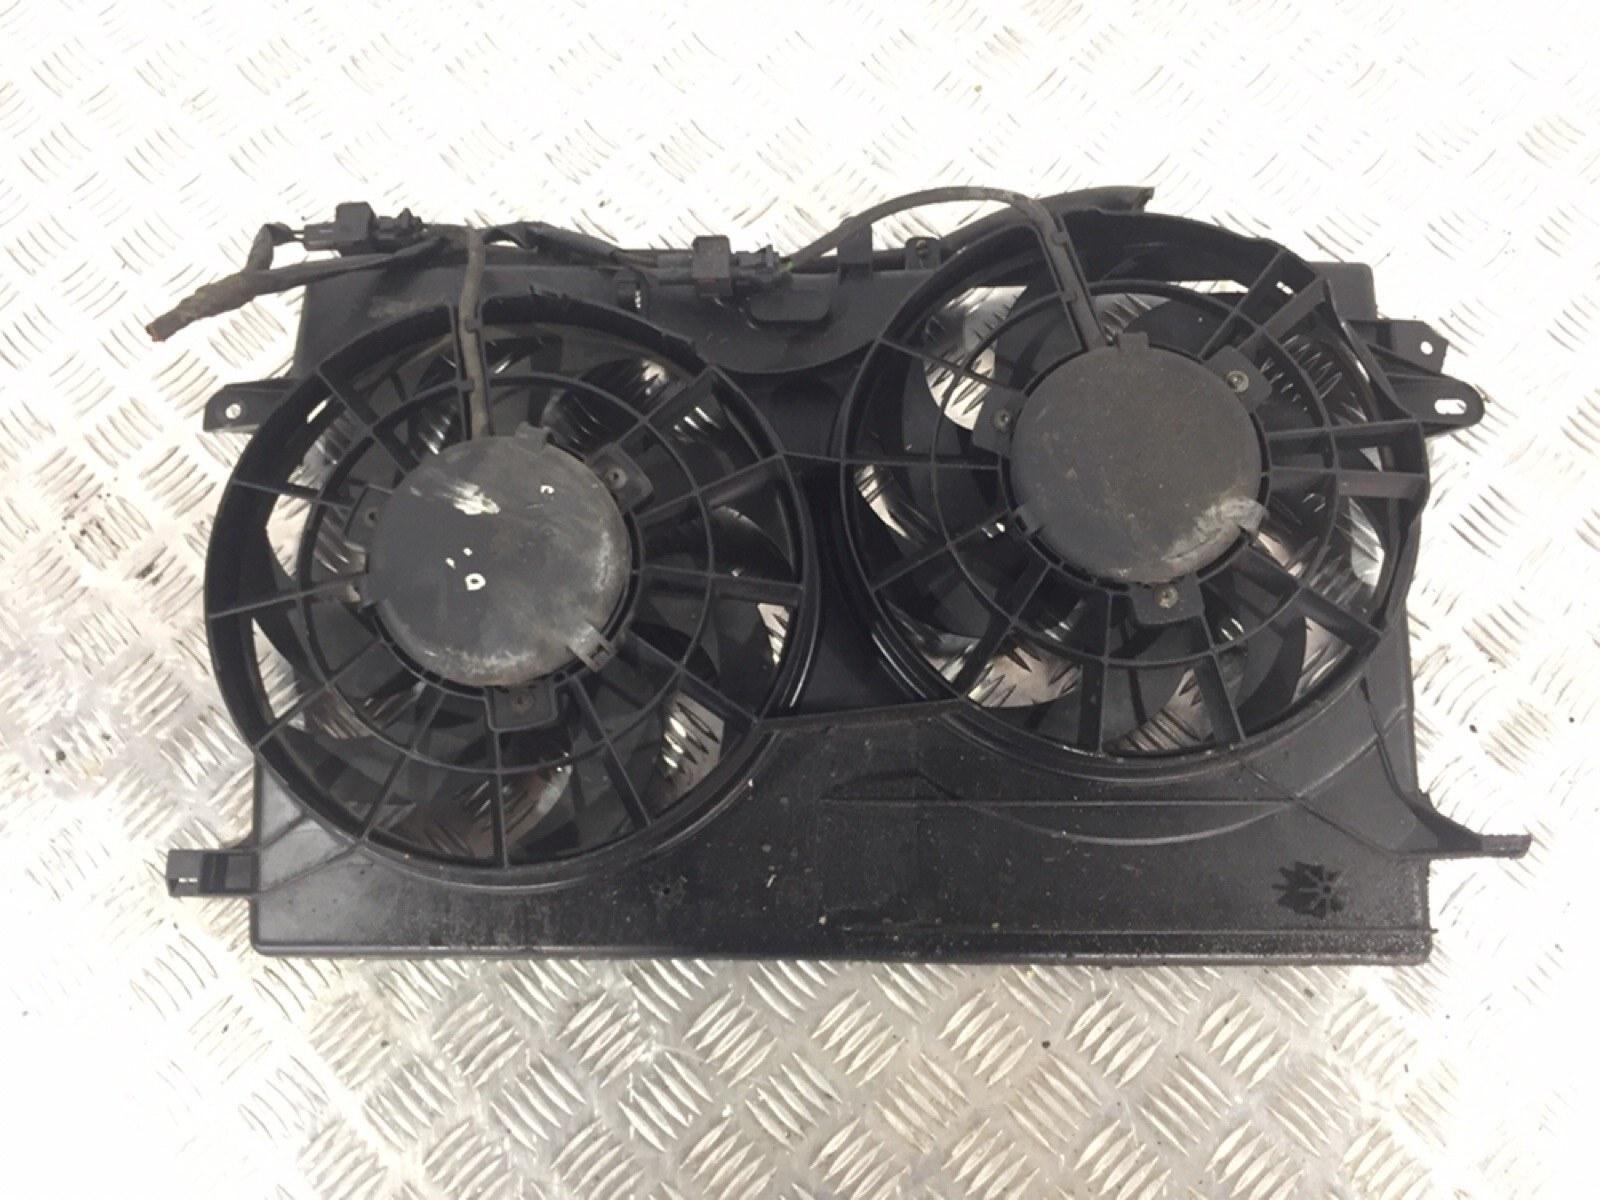 Вентилятор радиатора Saab 9-5 3.0 TID 2002 (б/у)